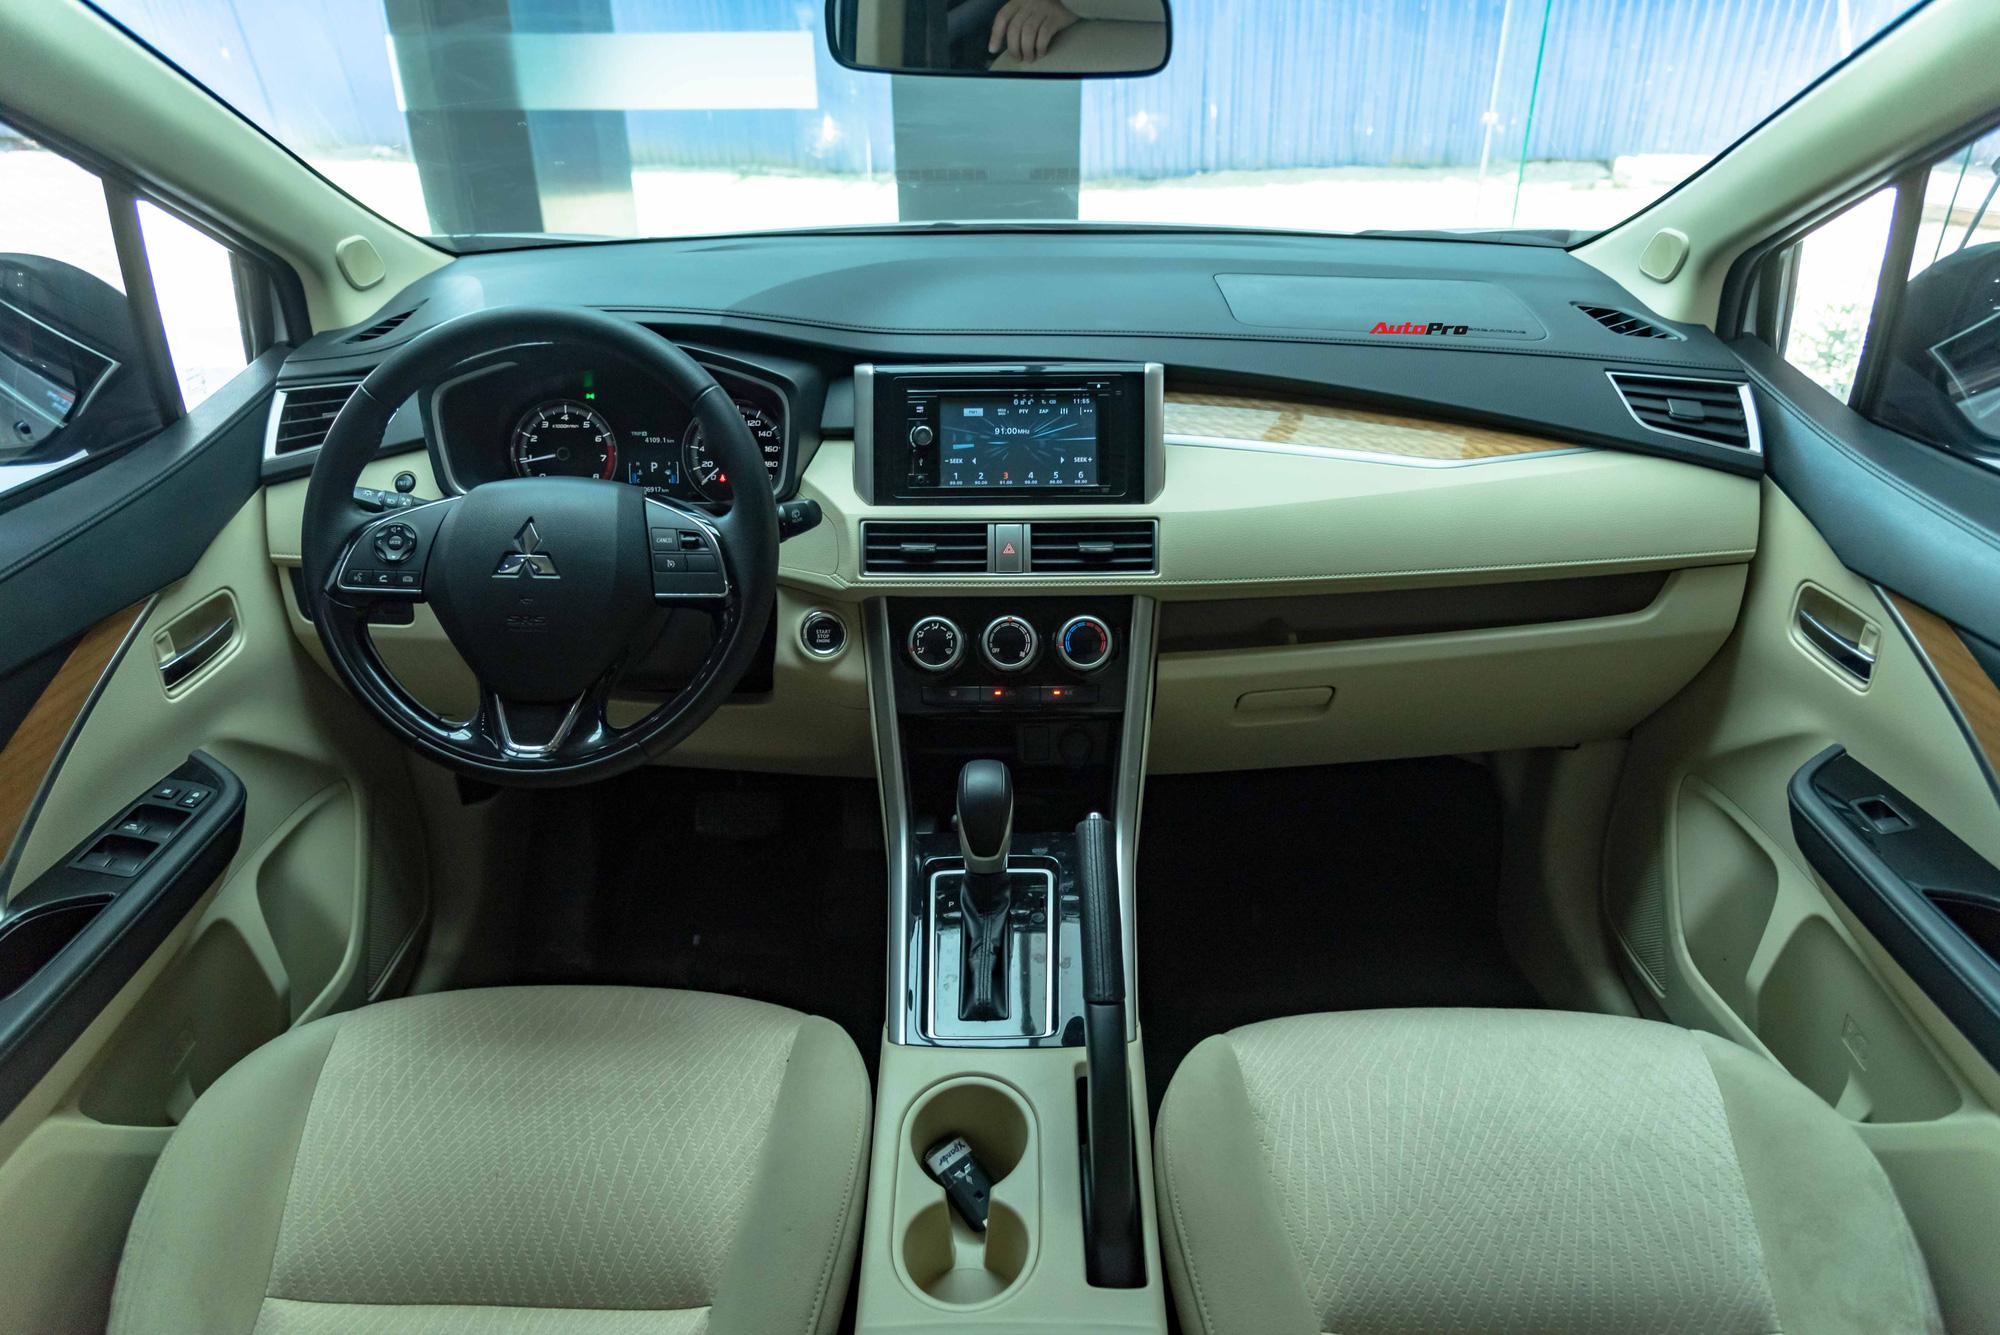 Ra mắt Mitsubishi Xpander 2020: Đánh giá 8 điểm mới, tăng 10 triệu nhưng tặng lại 10 triệu, rộng đường giữ ngôi vua MPV-9